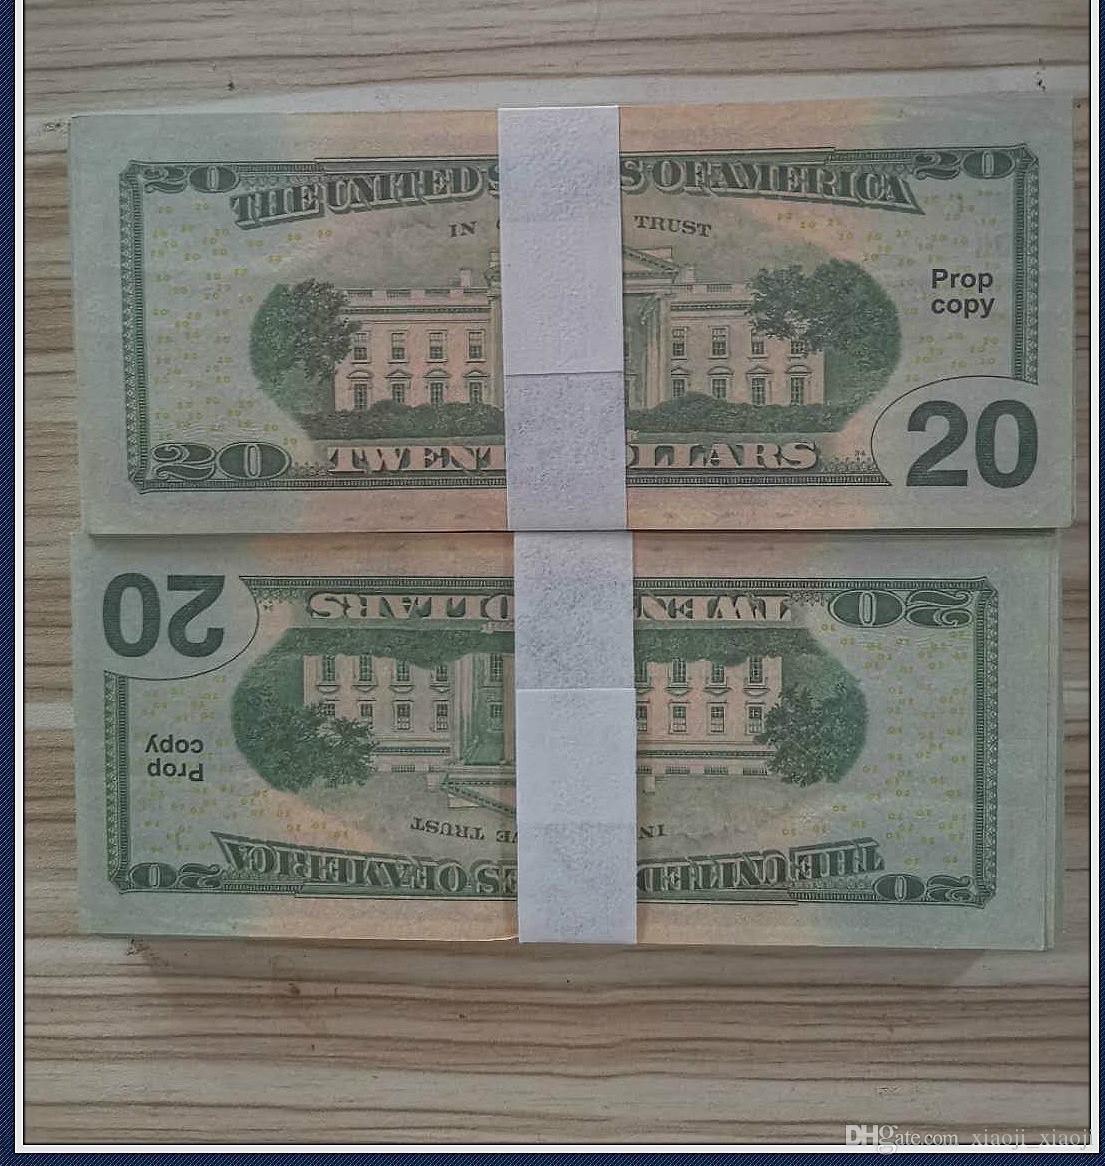 Ночной клуб поддельных высоких поддельных новых притворяющихся качественное сыграть евро деньги бар реквизит заготовки кино деньги деньги из искусственного доллара заготовки деньги коллекция денег и подарки MCRD